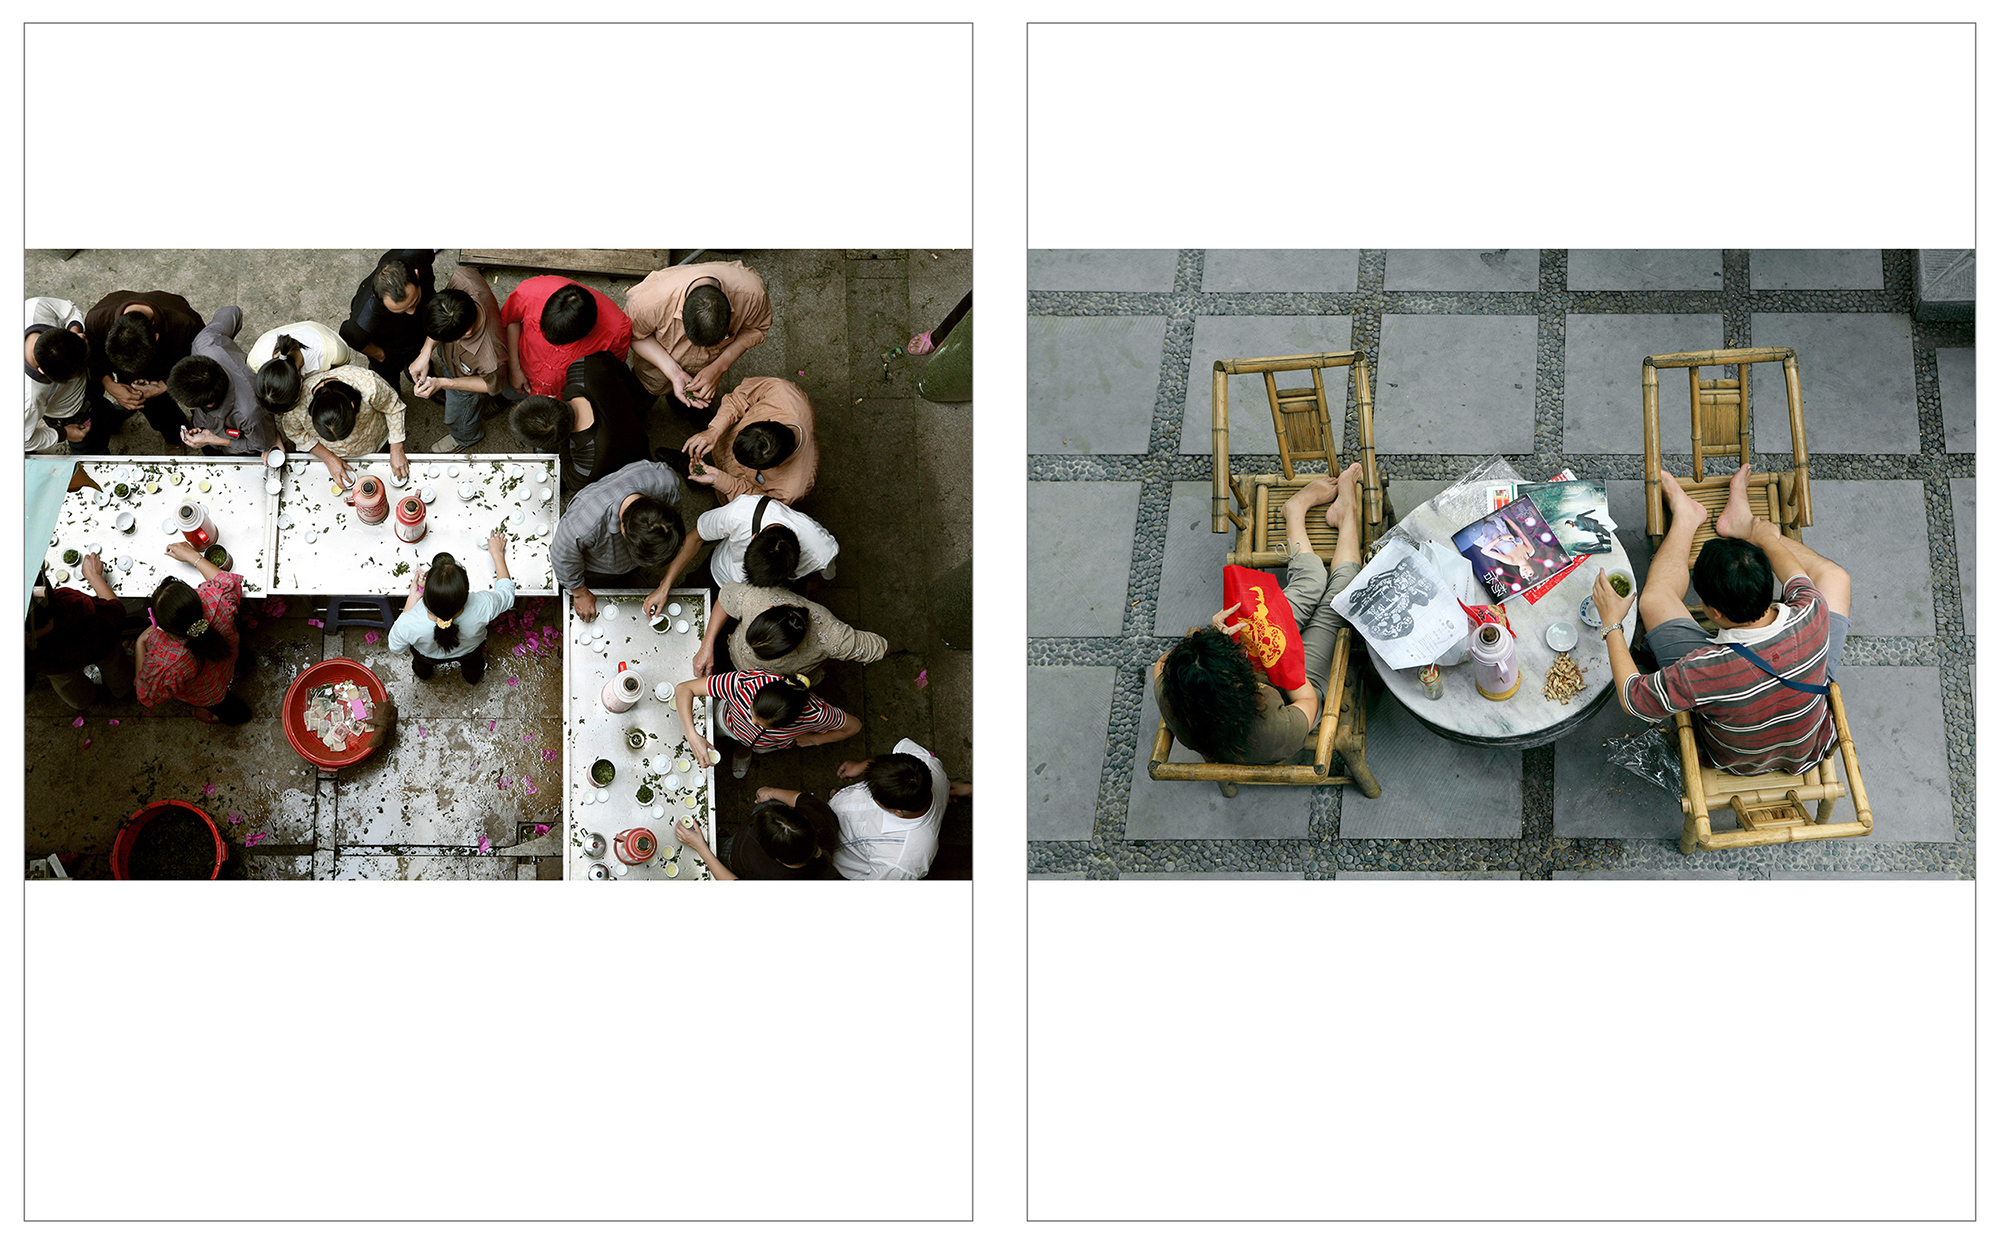 Tea Market - Anxi, Fujian Province    info •  Renmin Gongyuan Teahouse - Chengdu, Sichuan Province  info